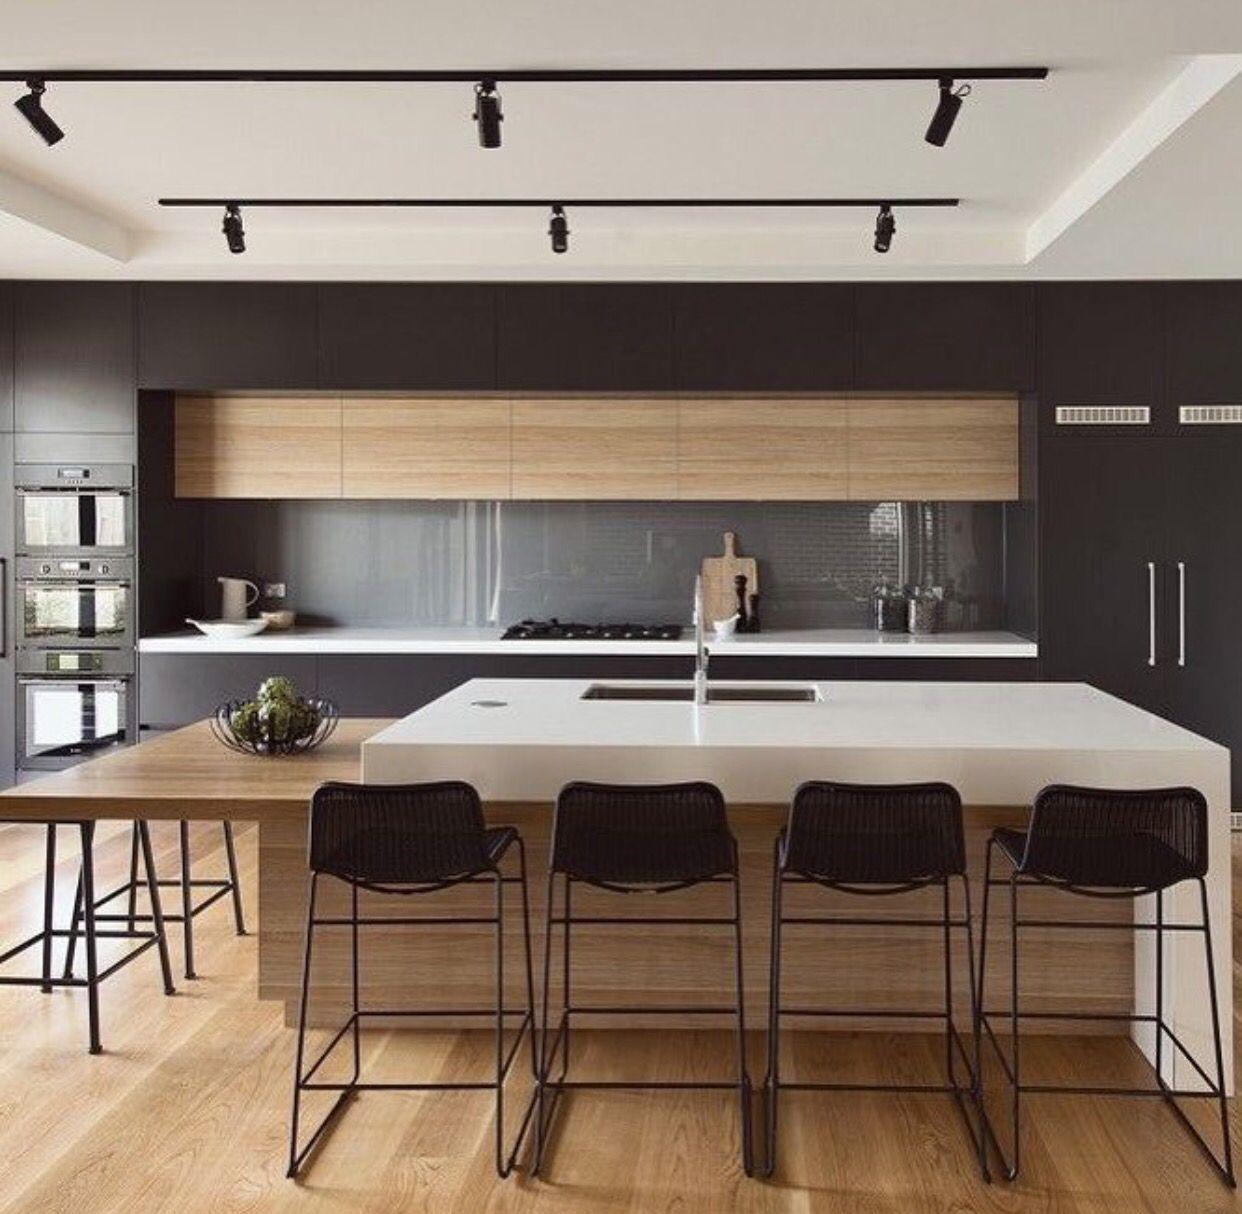 Kitchen   Kitchens and dining rooms   Pinterest   Loft-küche und Küche